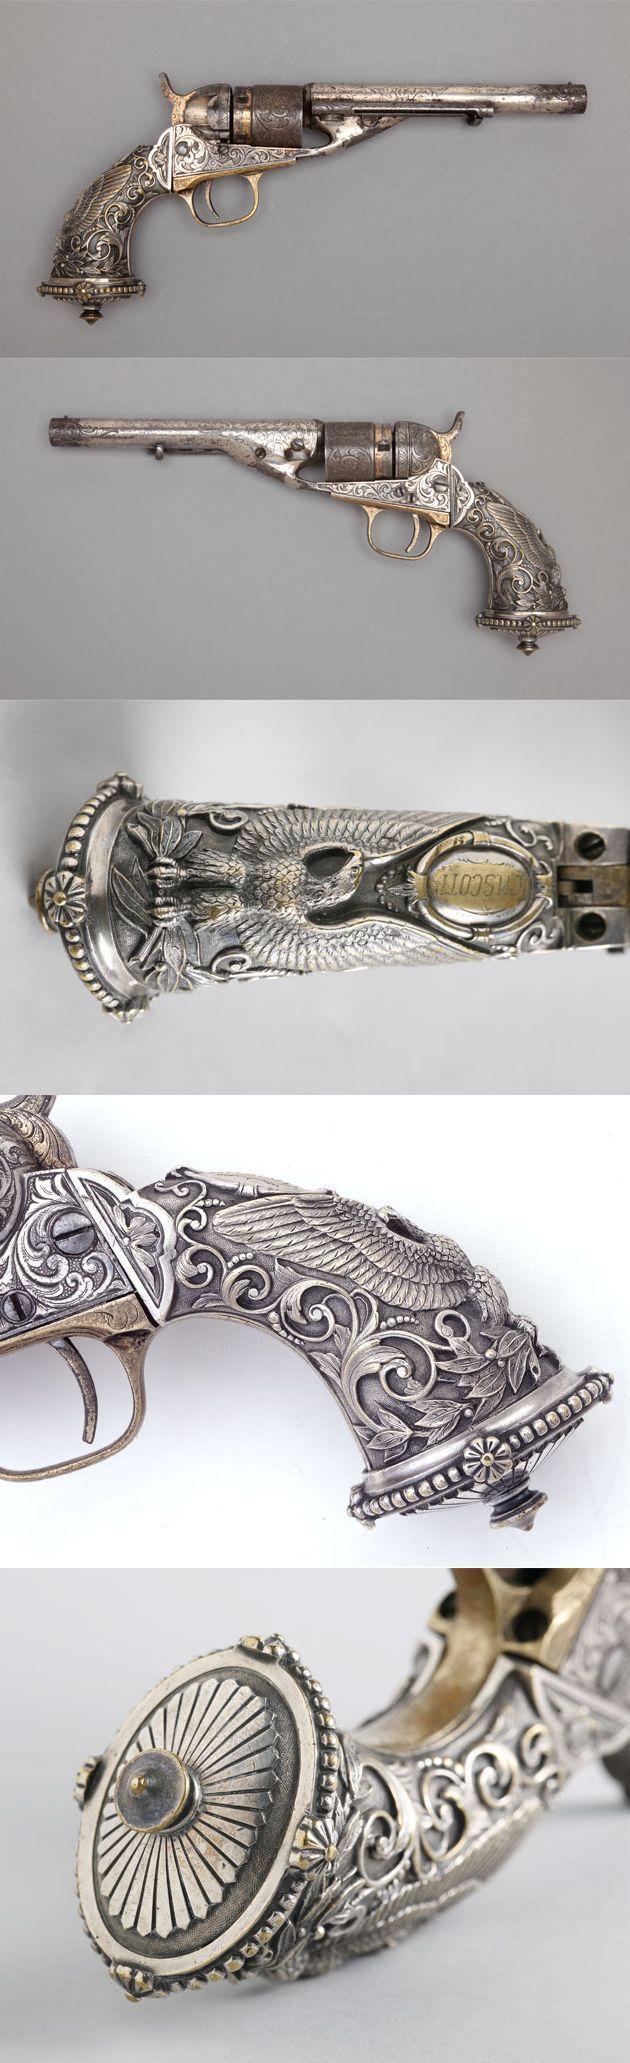 各一些装饰着别致花纹的枪,部分制造于17...